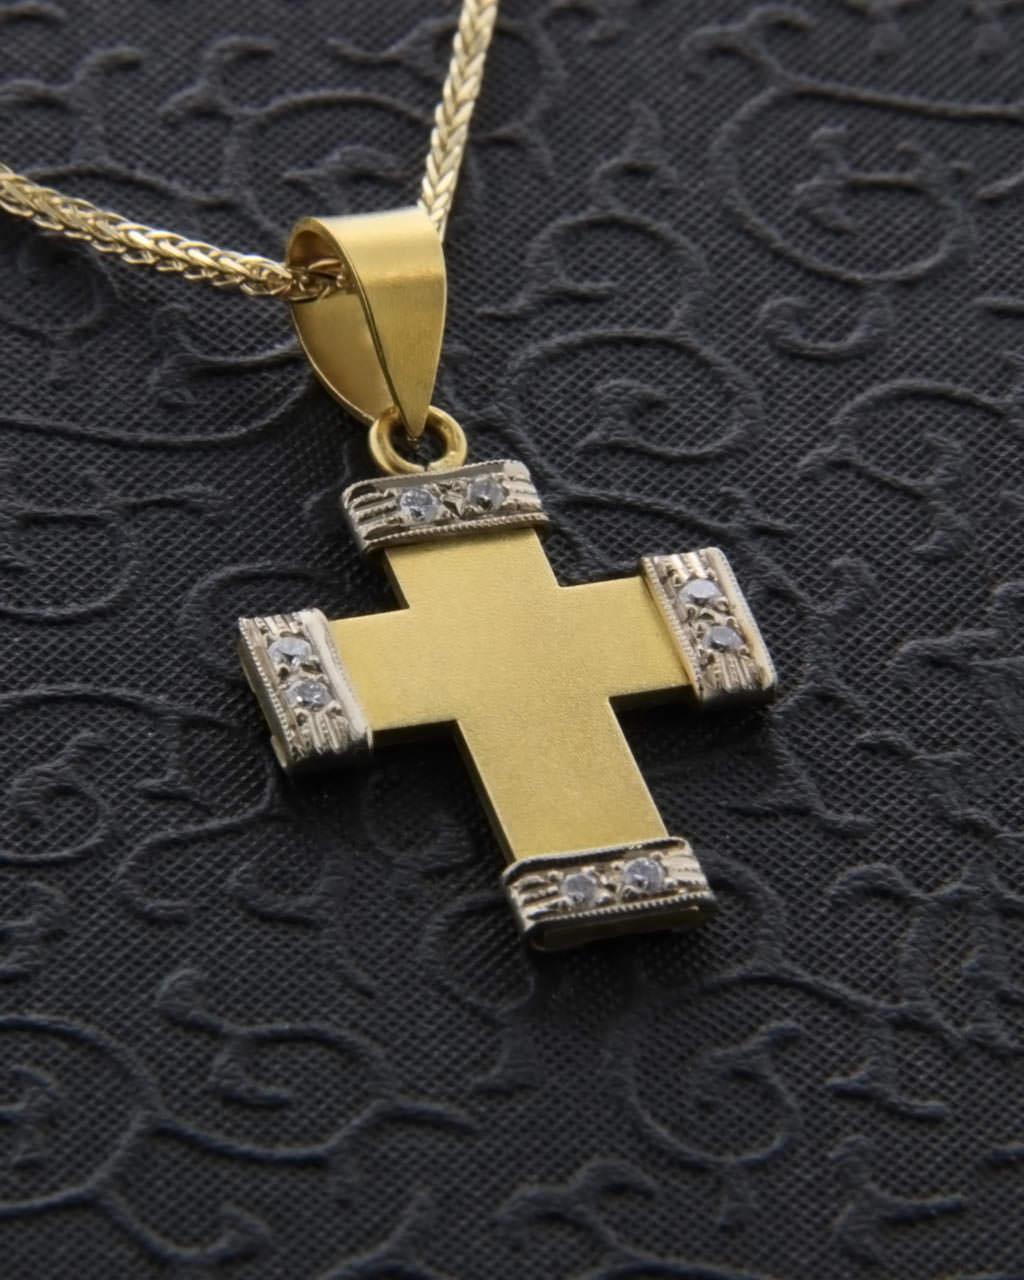 Σταυρός χρυσός χειροποίητος Κ22 με Διαμάντια   κοσμηματα σταυροί σταυροί με διαμάντια